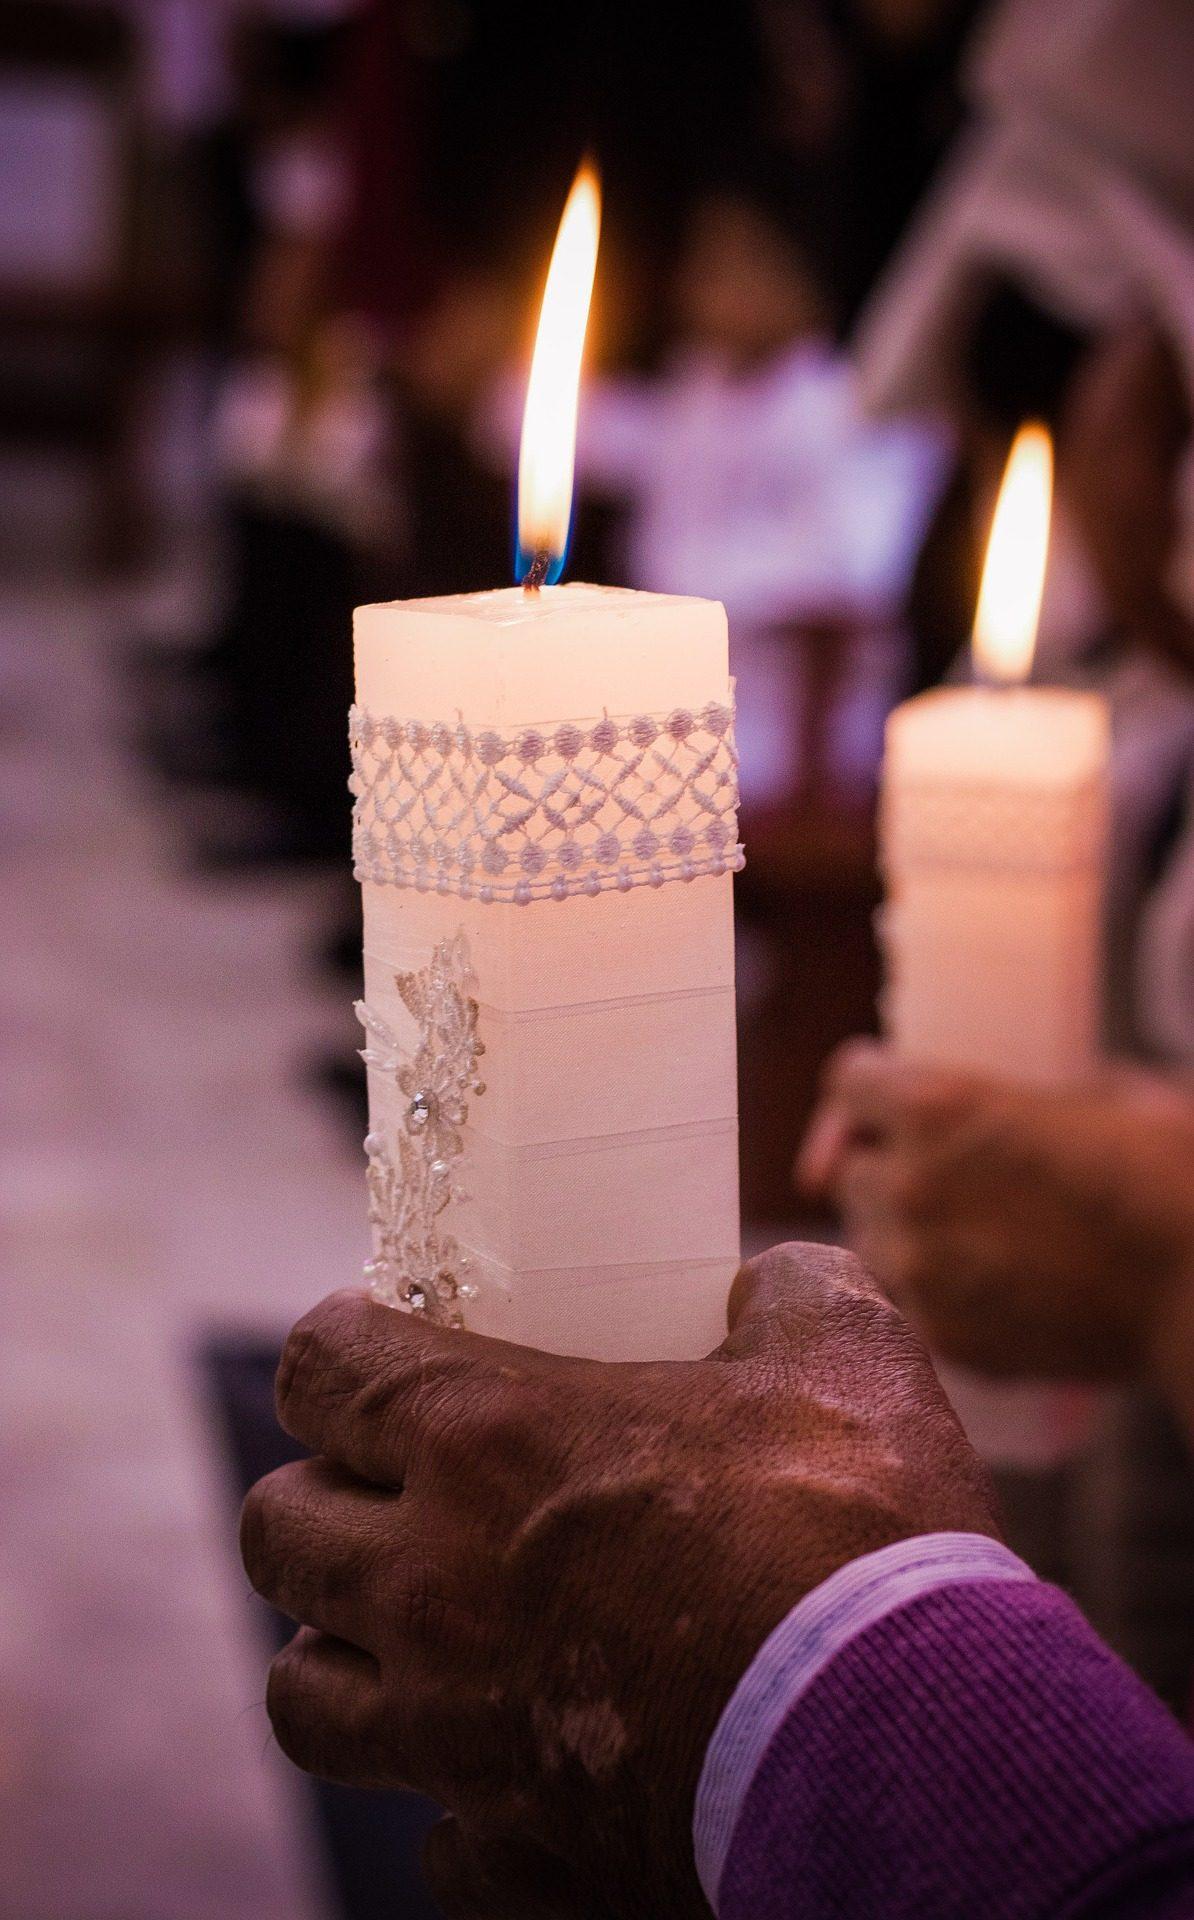 velas, llama, cera, manos, calor, fuego - Fondos de Pantalla HD - professor-falken.com